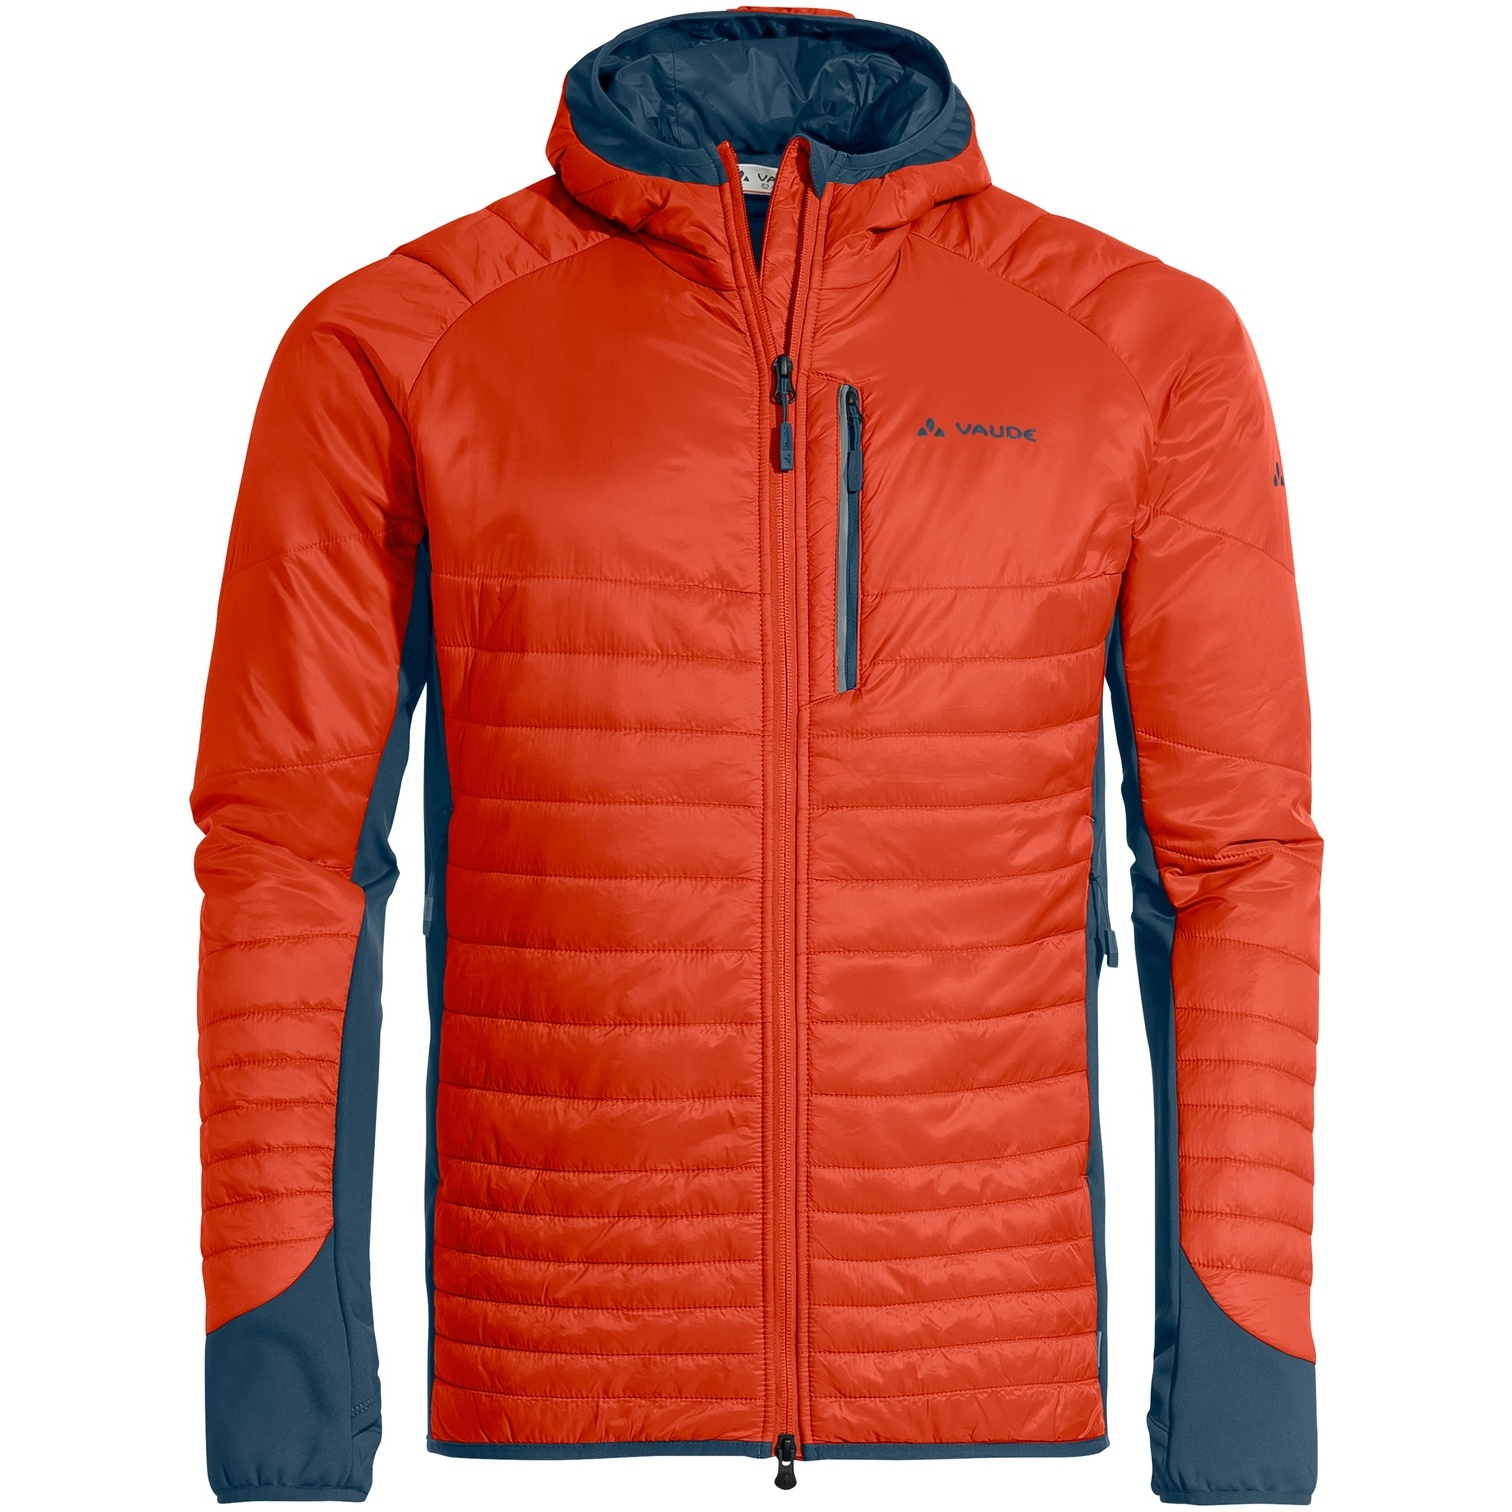 Vaude Men's Sesvenna Jacket III - glowing red